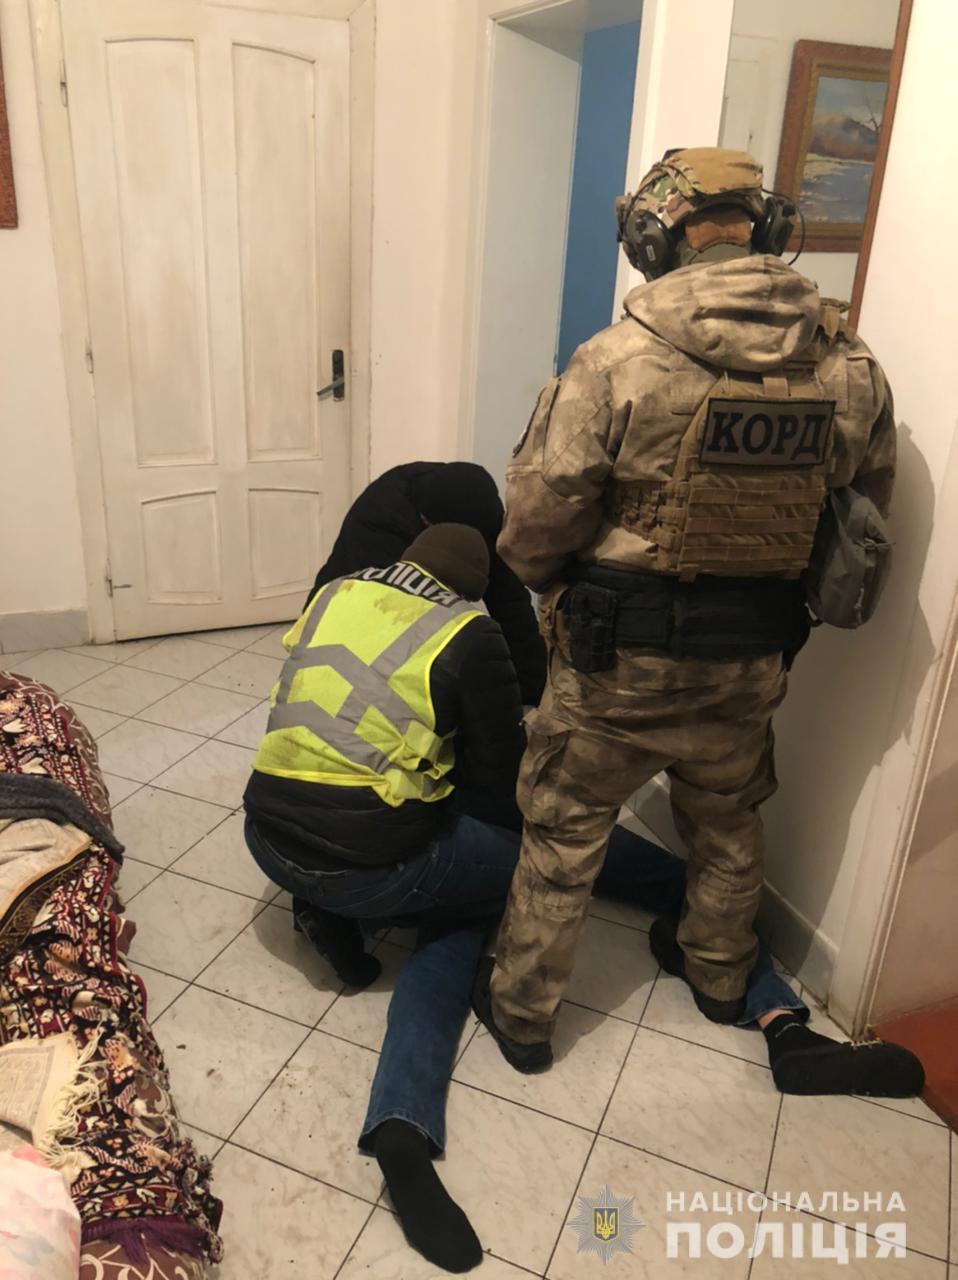 Під час продажу метамфетаміну у Берегові затримали наркоторговця